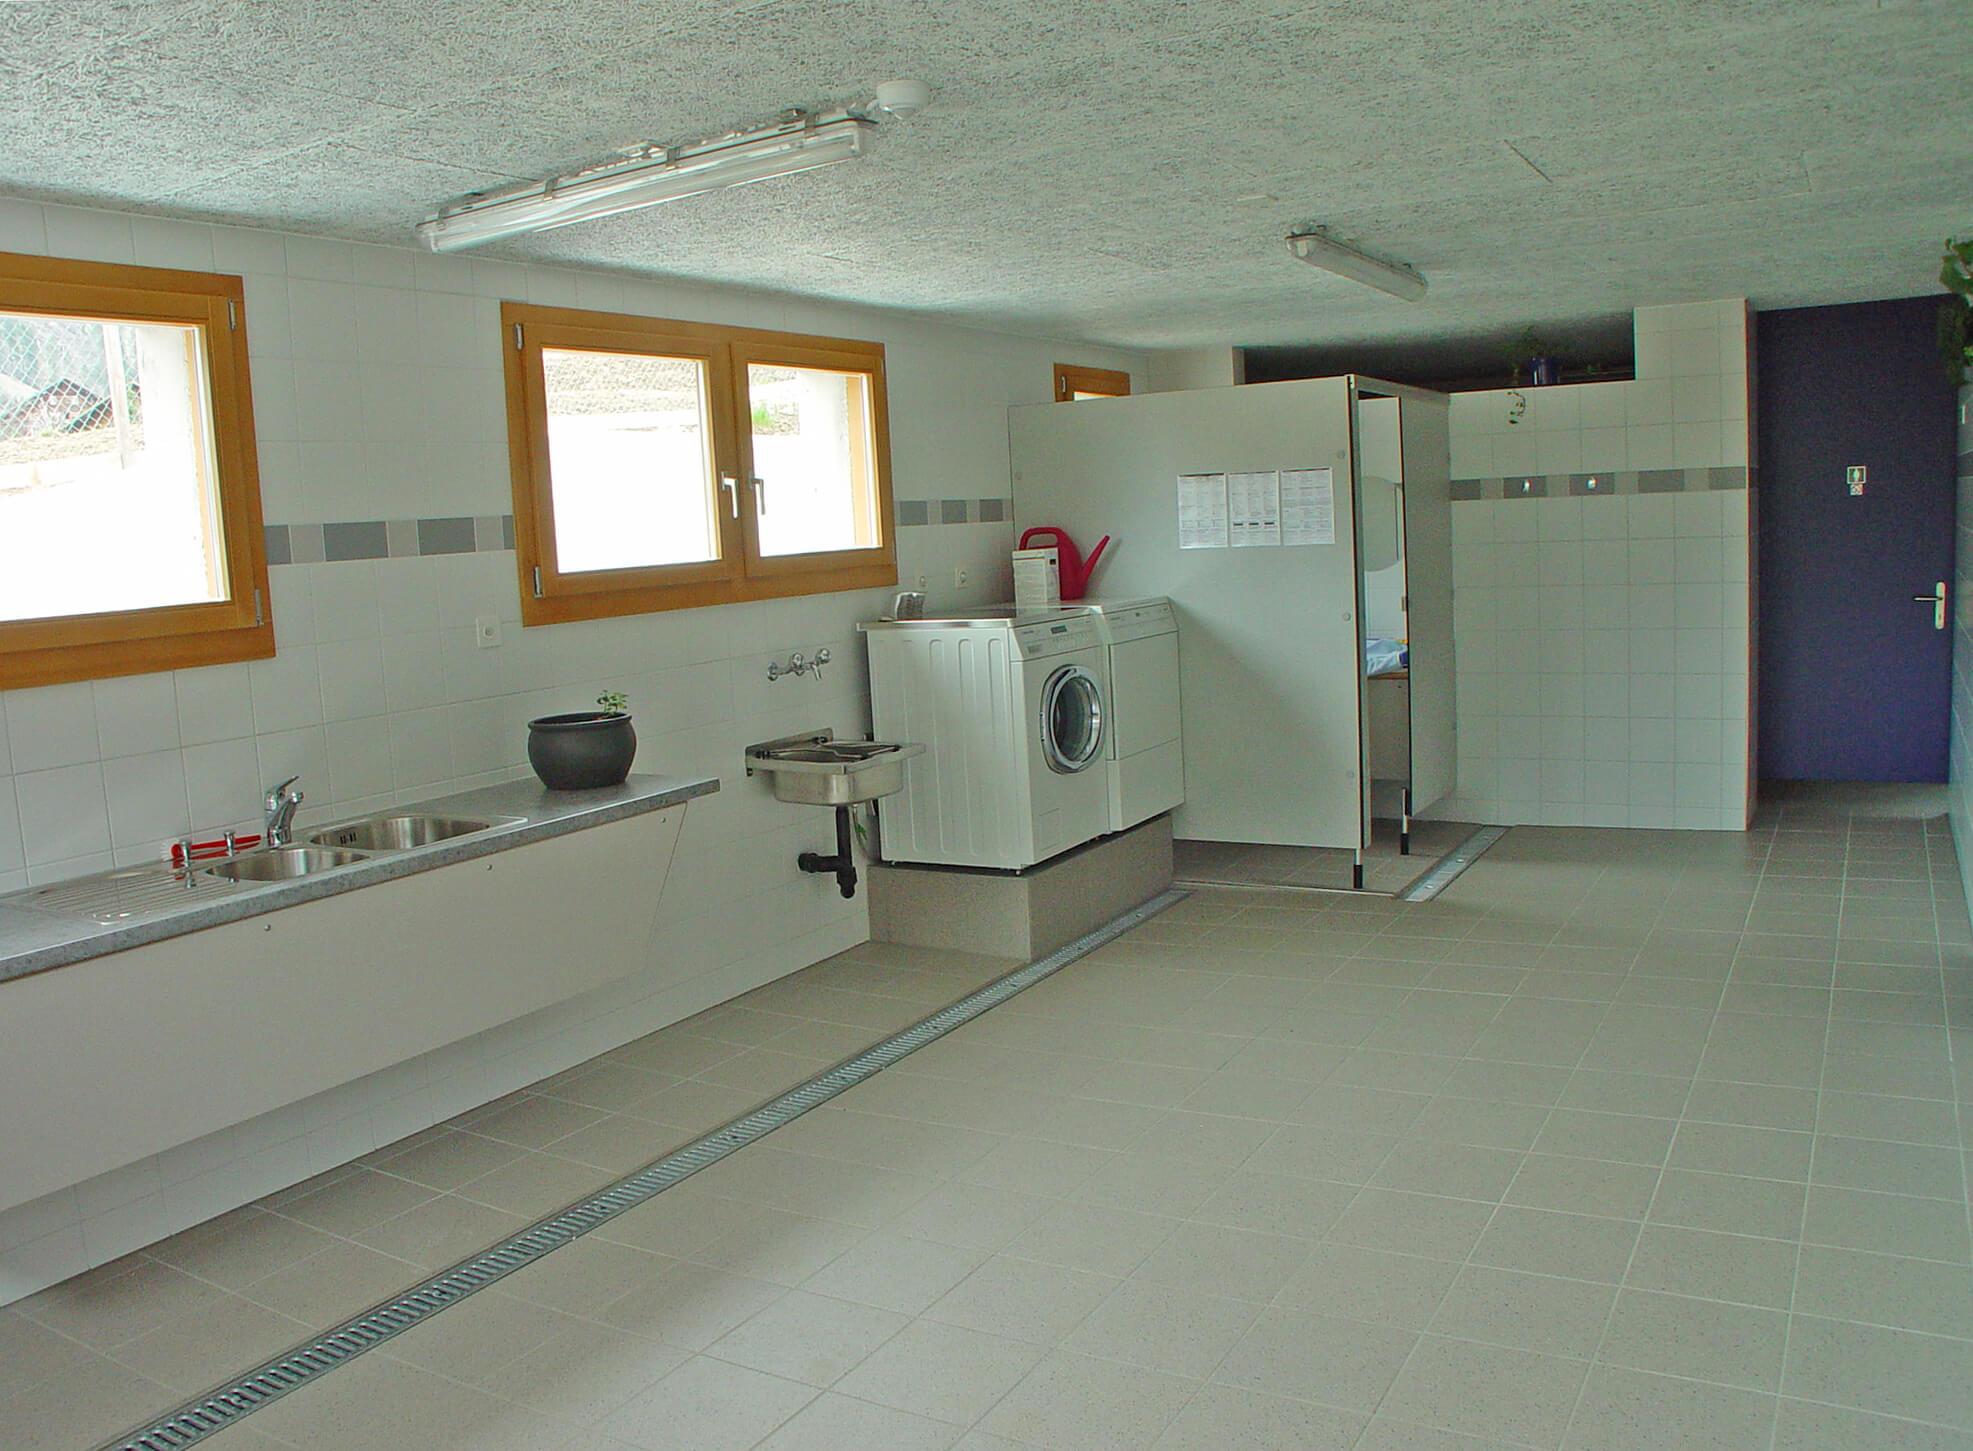 Infrastruktur Waschmaschine Waschbecken